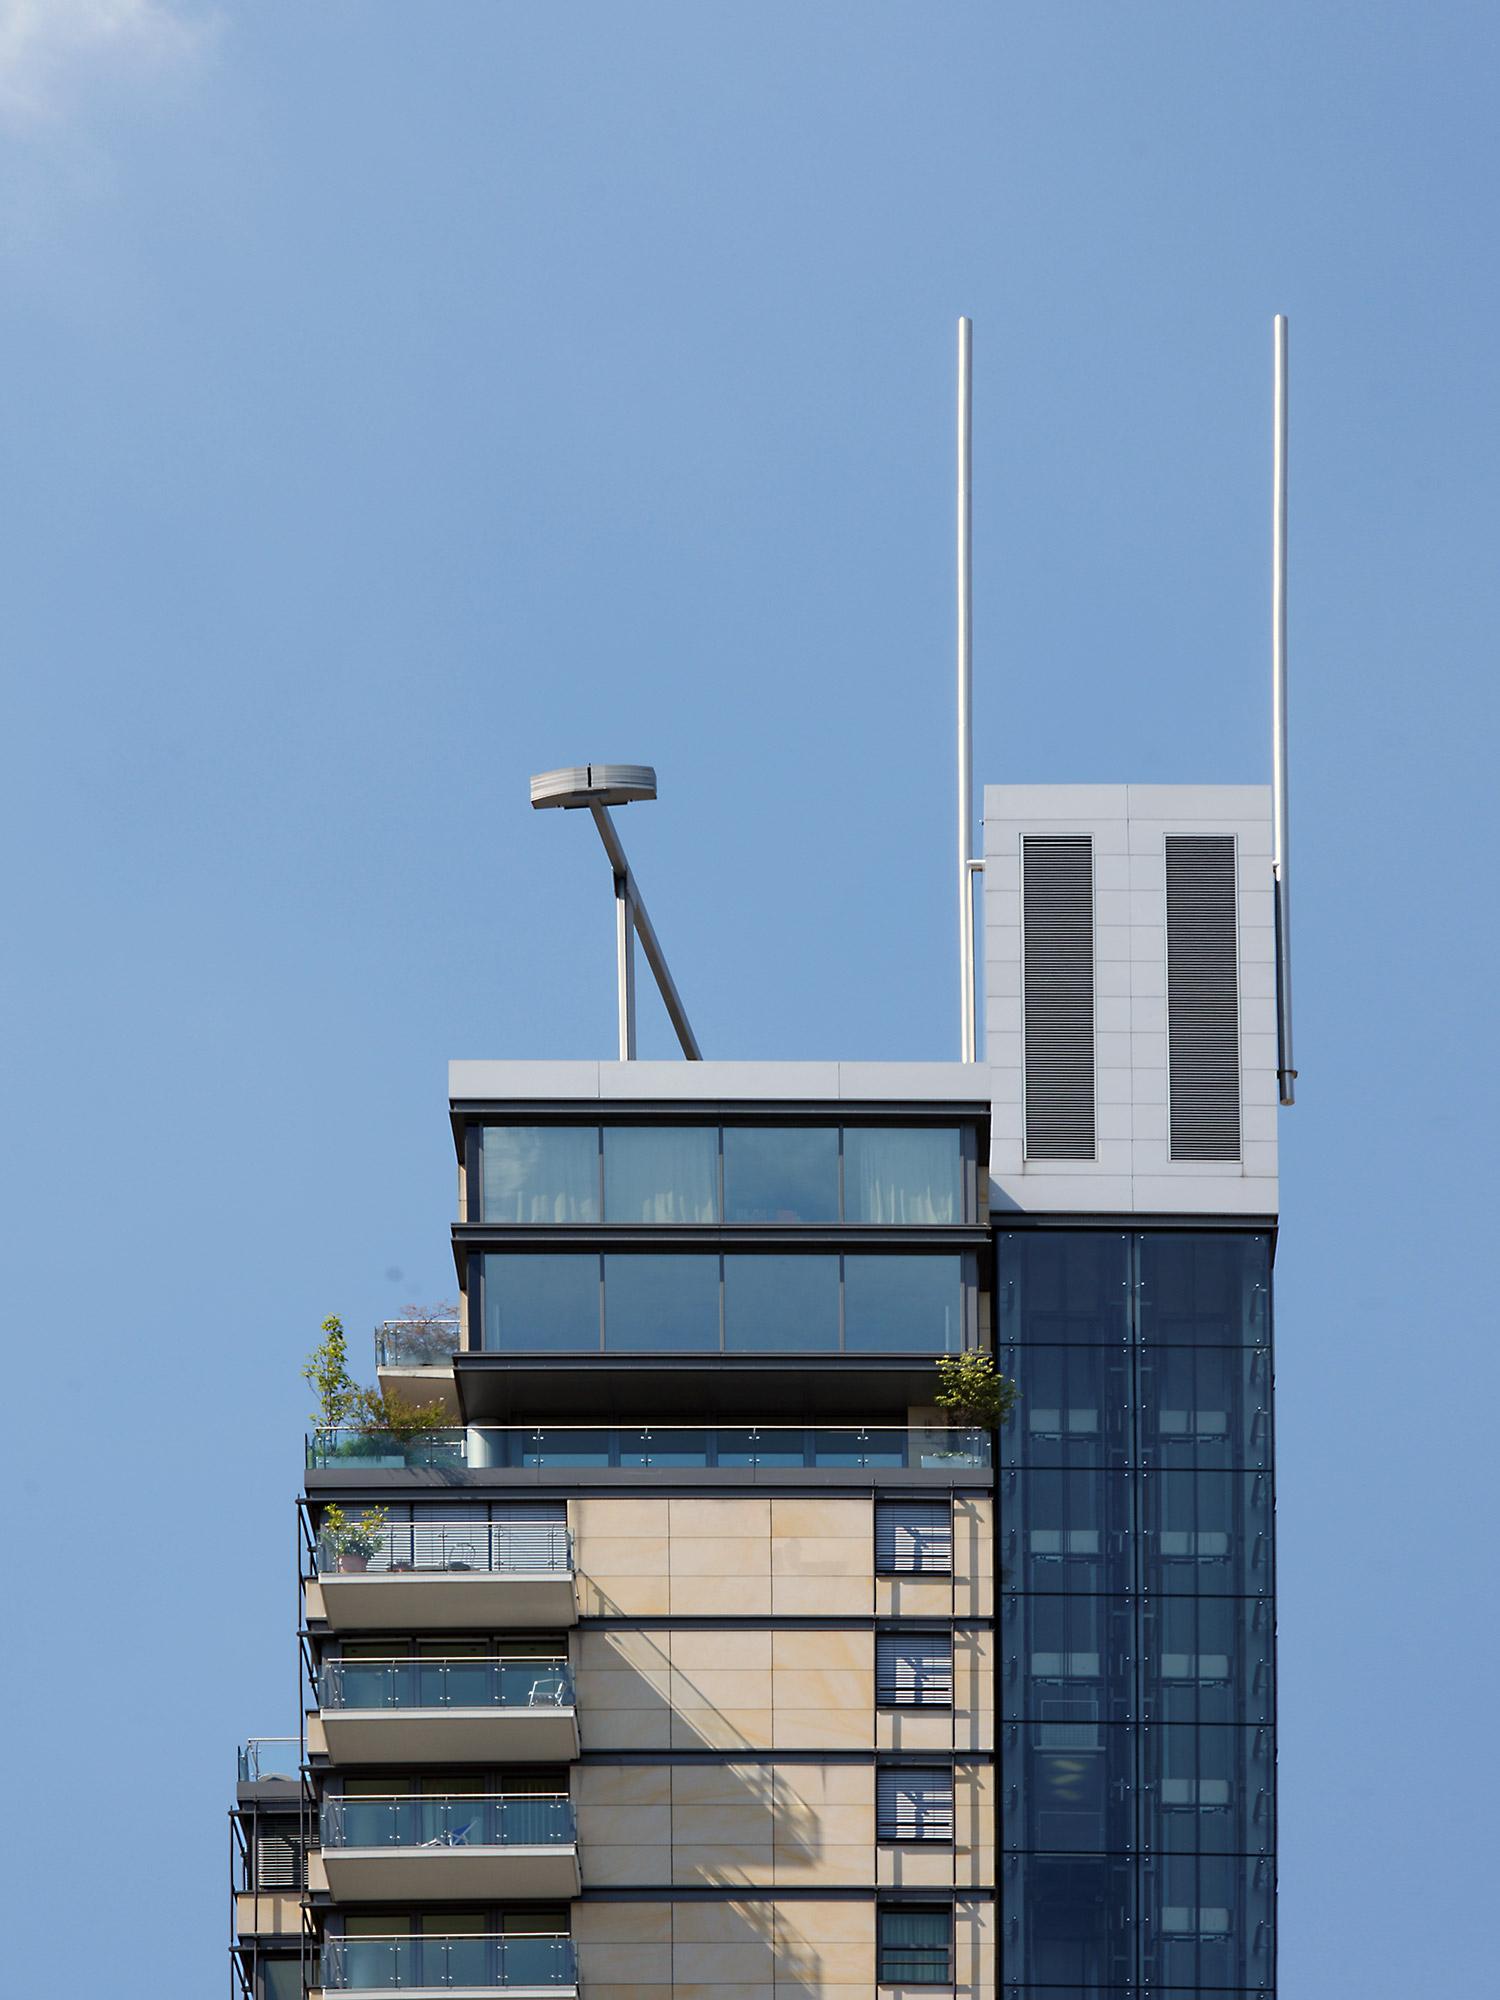 Hochhaus Frankfurt mit Antennen - Skylight Turm Frankfurt - Apartmenthaus mit Wohnungen